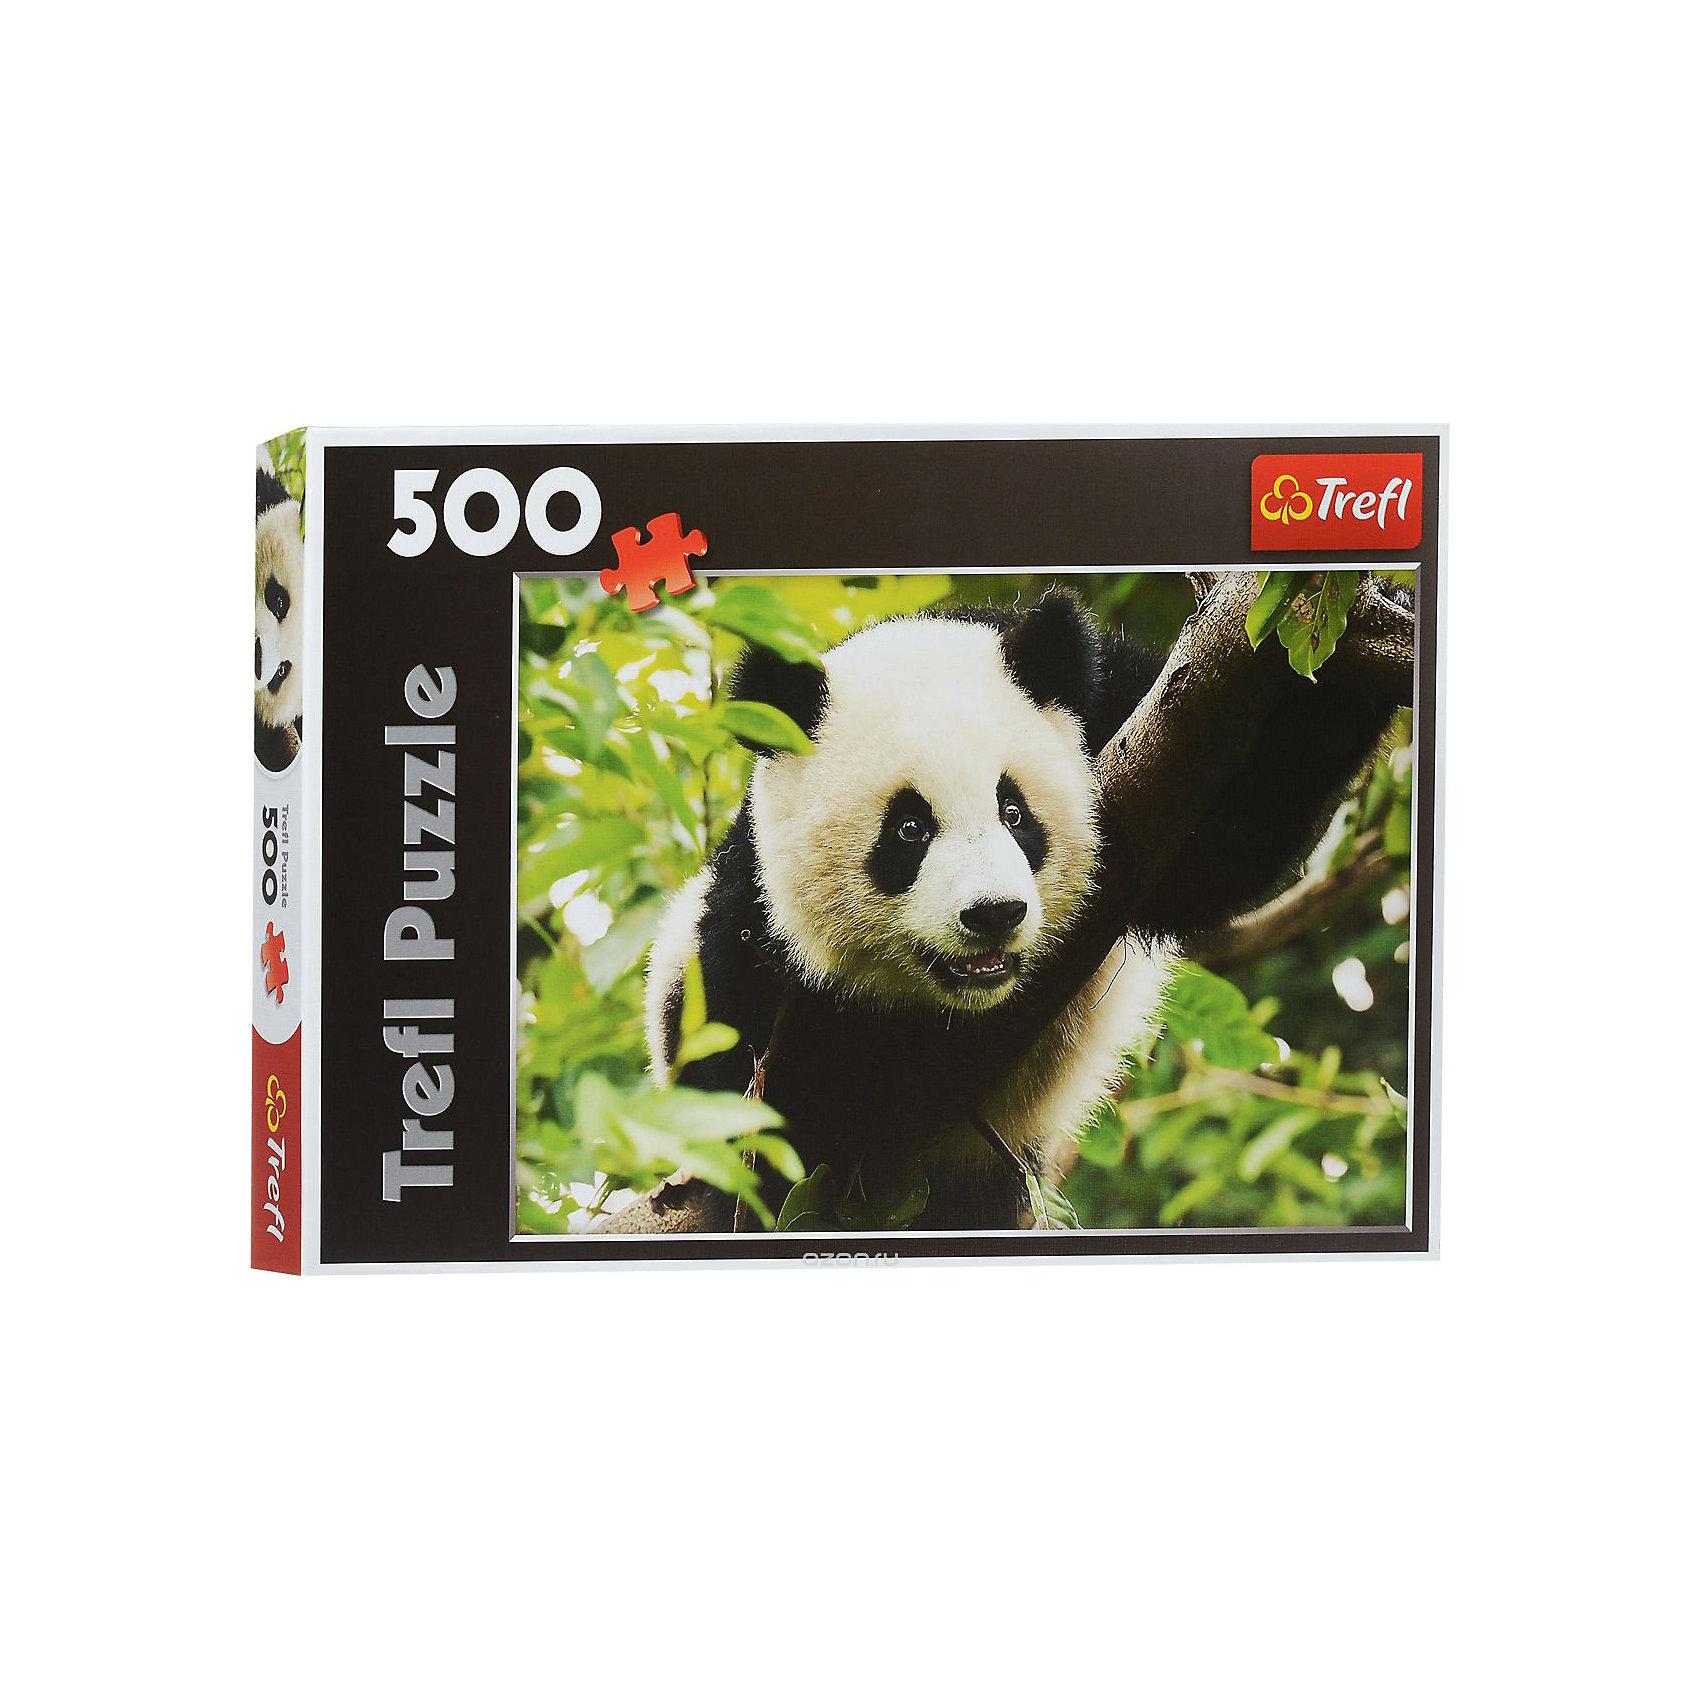 Пазл Панда, 500 деталей, TreflПазлы для детей постарше<br>Характеристики товара:<br><br>• возраст от 10 лет;<br>• материал: картон;<br>• в наборе: 500 элементов;<br>• размер пазла 48х34 см;<br>• размер упаковки 26,6х39,8х4,5 см;<br>• вес упаковки 500 гр.;<br>• страна производитель Польша.<br><br>Пазл «Панда» Trefl - пазл с изображением милой панды обязательно понравится всем любителям собирать пазлы. Собирая пазл, у детей развиваются внимательность, усидчивость, аккуратность. Пазл изготовлен из качественных материалов со специальным стойким покрытием, которое не теряет со временем цвет.<br><br>Пазл «Панда» Trefl можно приобрести в нашем интернет-магазине.<br><br>Ширина мм: 266<br>Глубина мм: 398<br>Высота мм: 45<br>Вес г: 500<br>Возраст от месяцев: 120<br>Возраст до месяцев: 2147483647<br>Пол: Унисекс<br>Возраст: Детский<br>SKU: 5578450